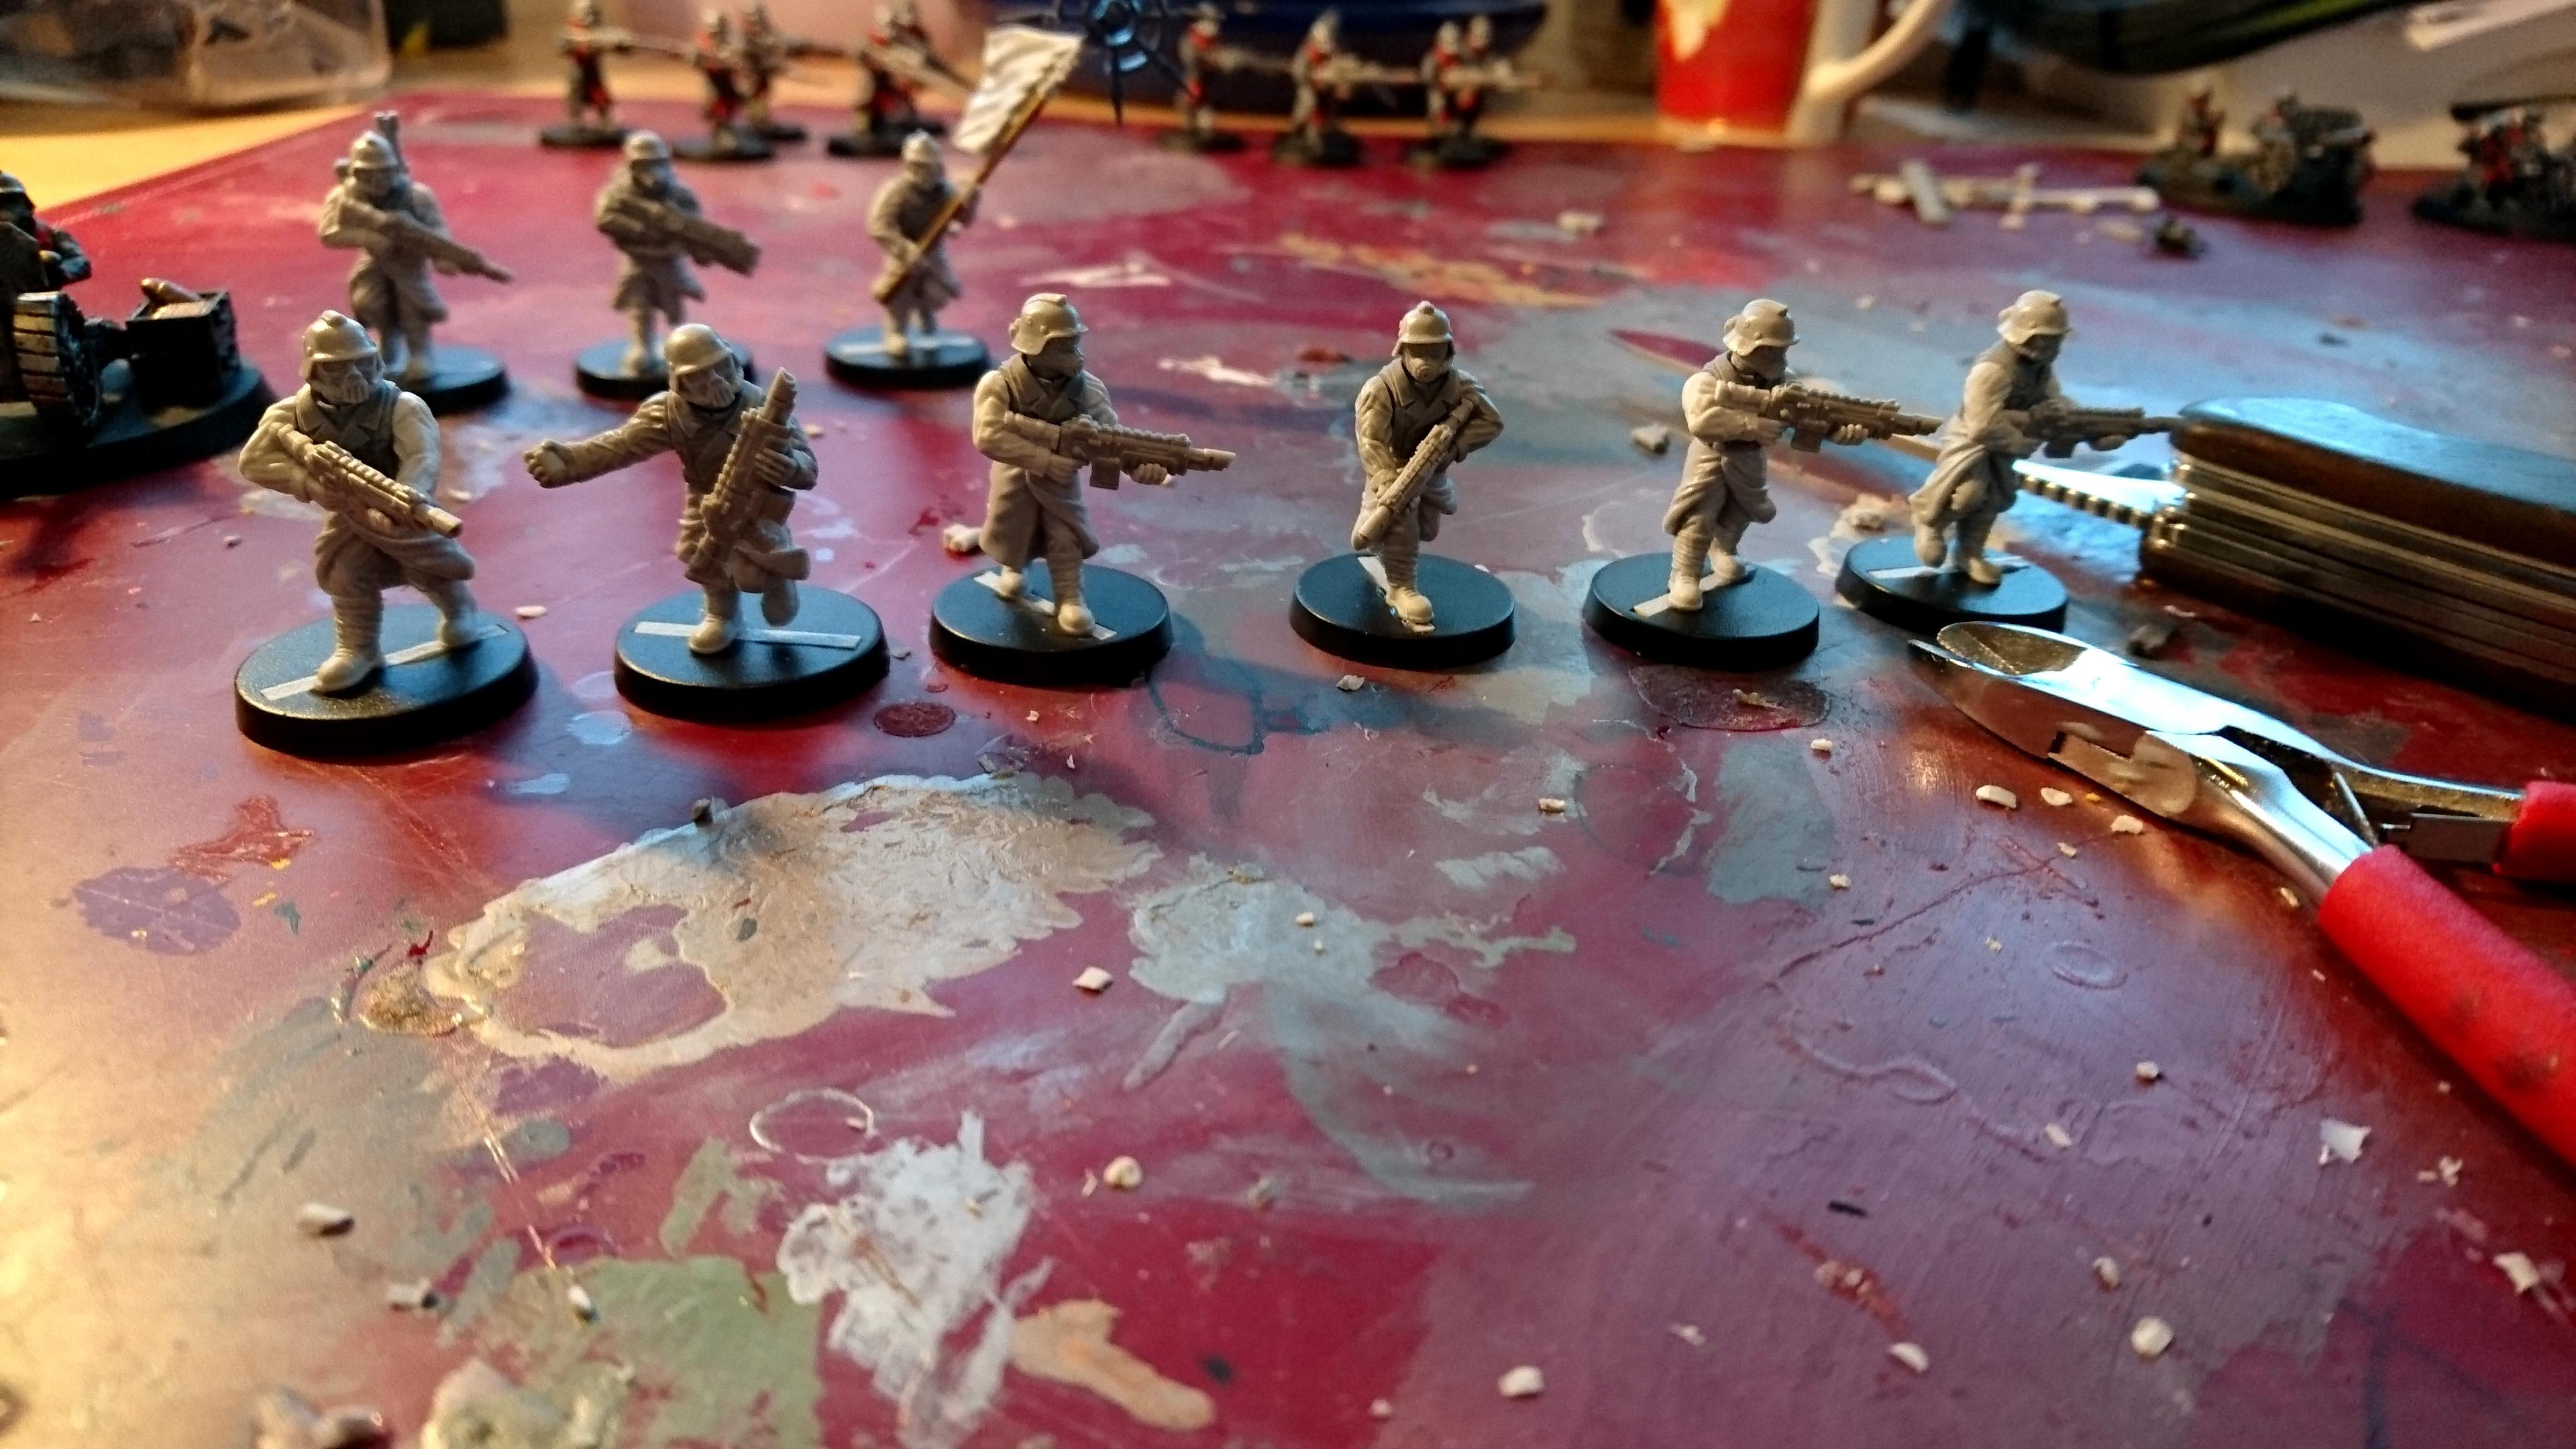 R&h, 31. Mechanized Command Squad